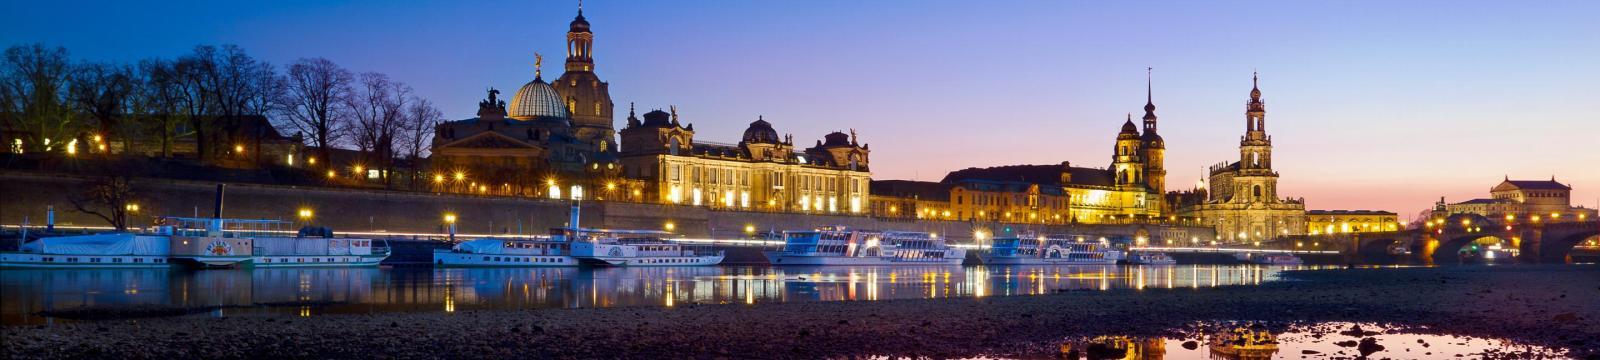 Poppen in Dresden - Erotik & Sexkontakte bei Quoka